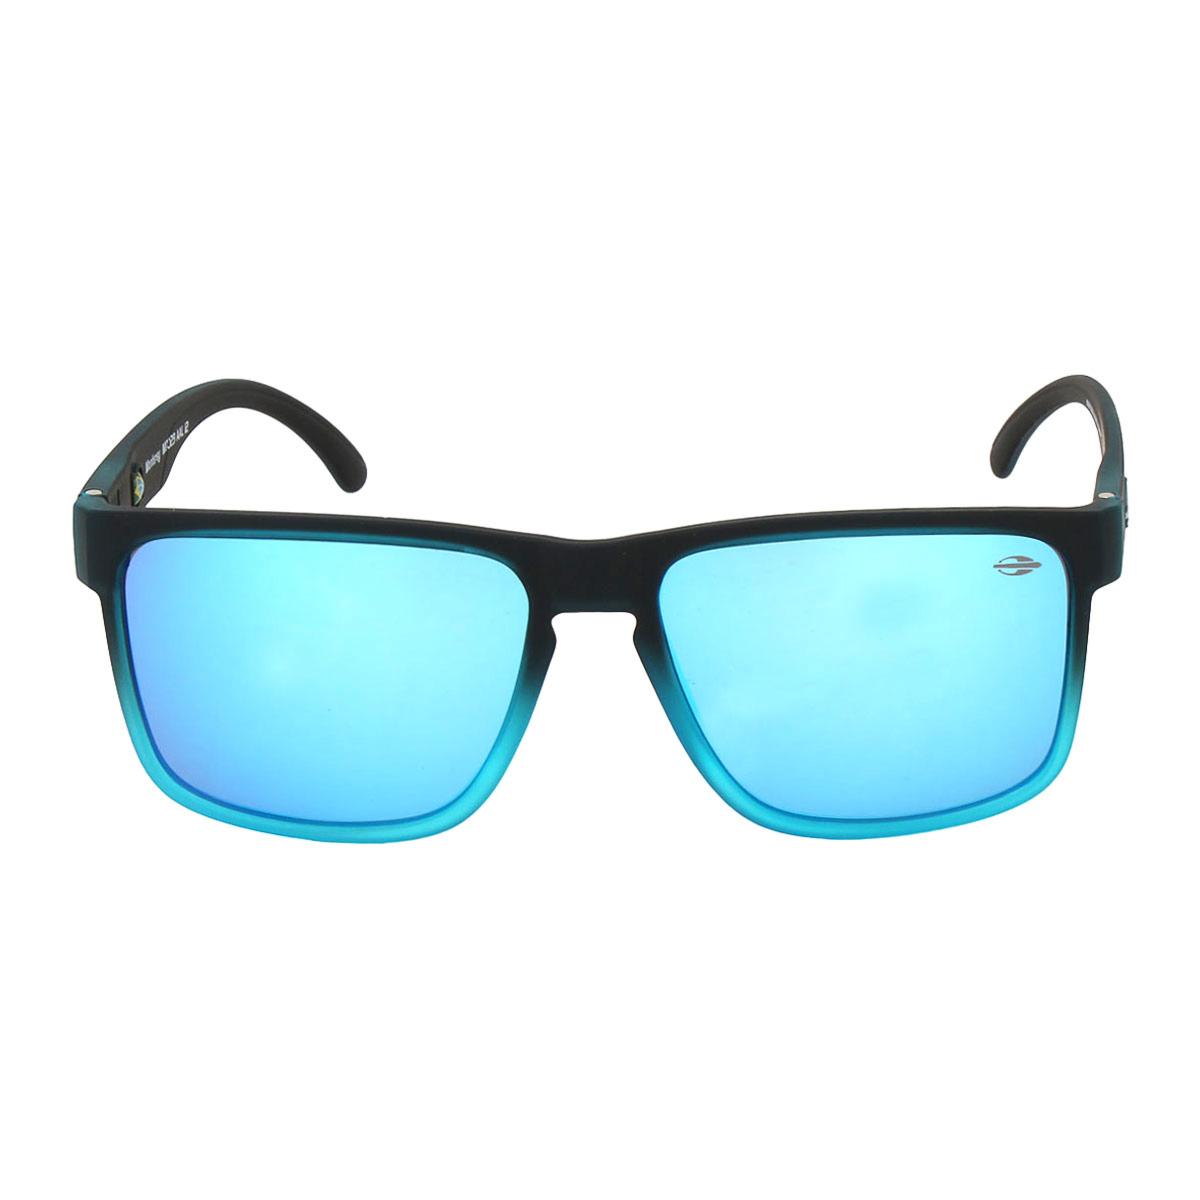 d15b6266e6b11 Óculos Mormaii Monterey Preto Fosco Degradê Azul Lente Azul ref ...